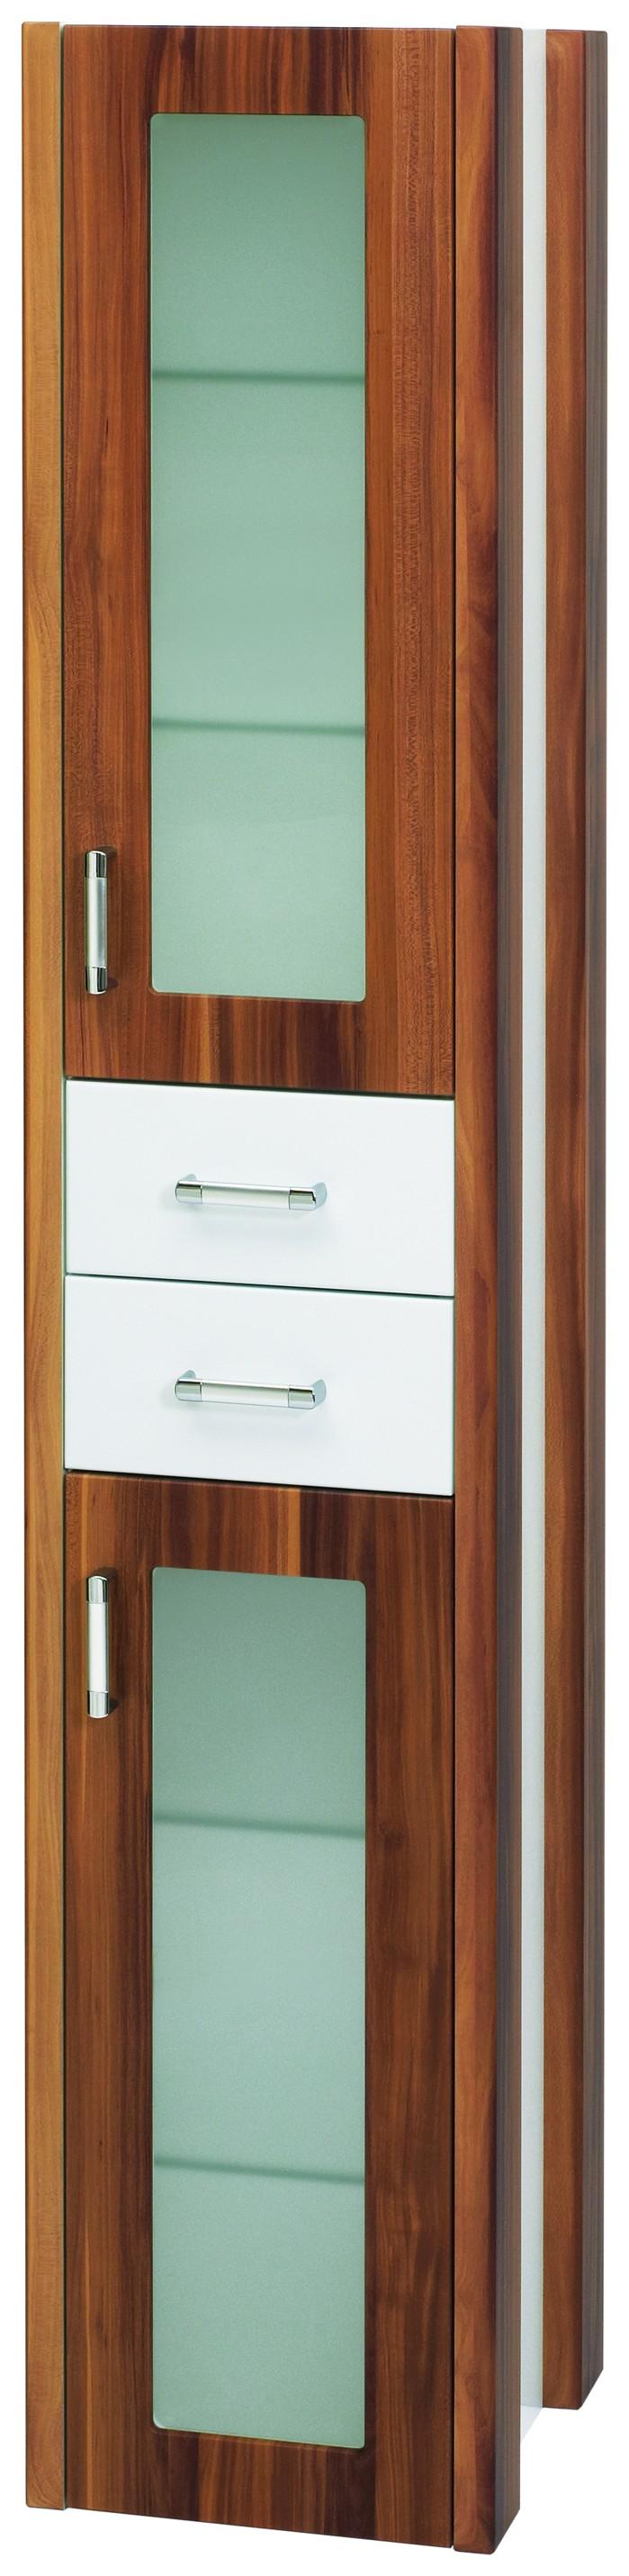 Пенал DrejaМебель для ванной комнаты<br>Тип: пенал,<br>Тип установки мебели для ванной: подвесной,<br>Материал изготовления мебели для ванной: дсп,<br>Цвет мебели для ванной: цвета под дерево,<br>С ящиками: есть,<br>Коллекция: lafutura<br>